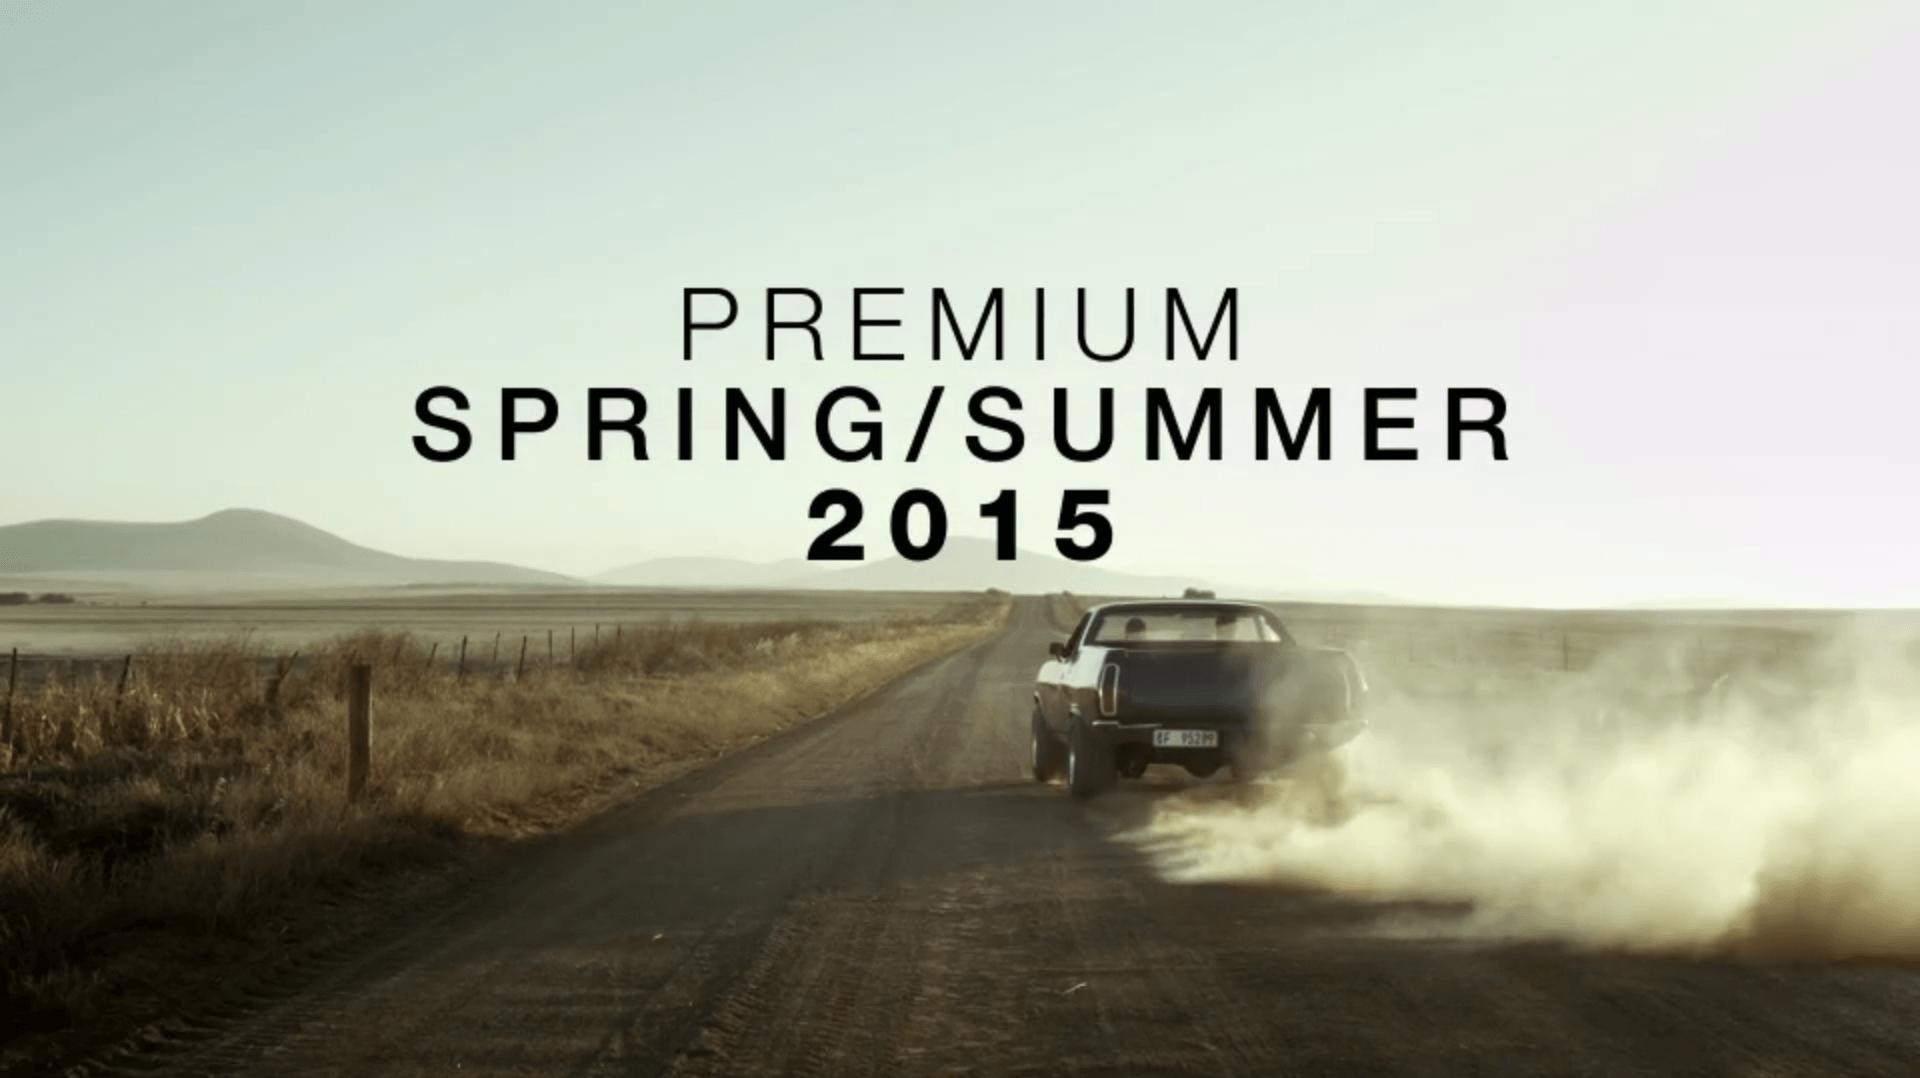 Zalando Summer/Spring 2015